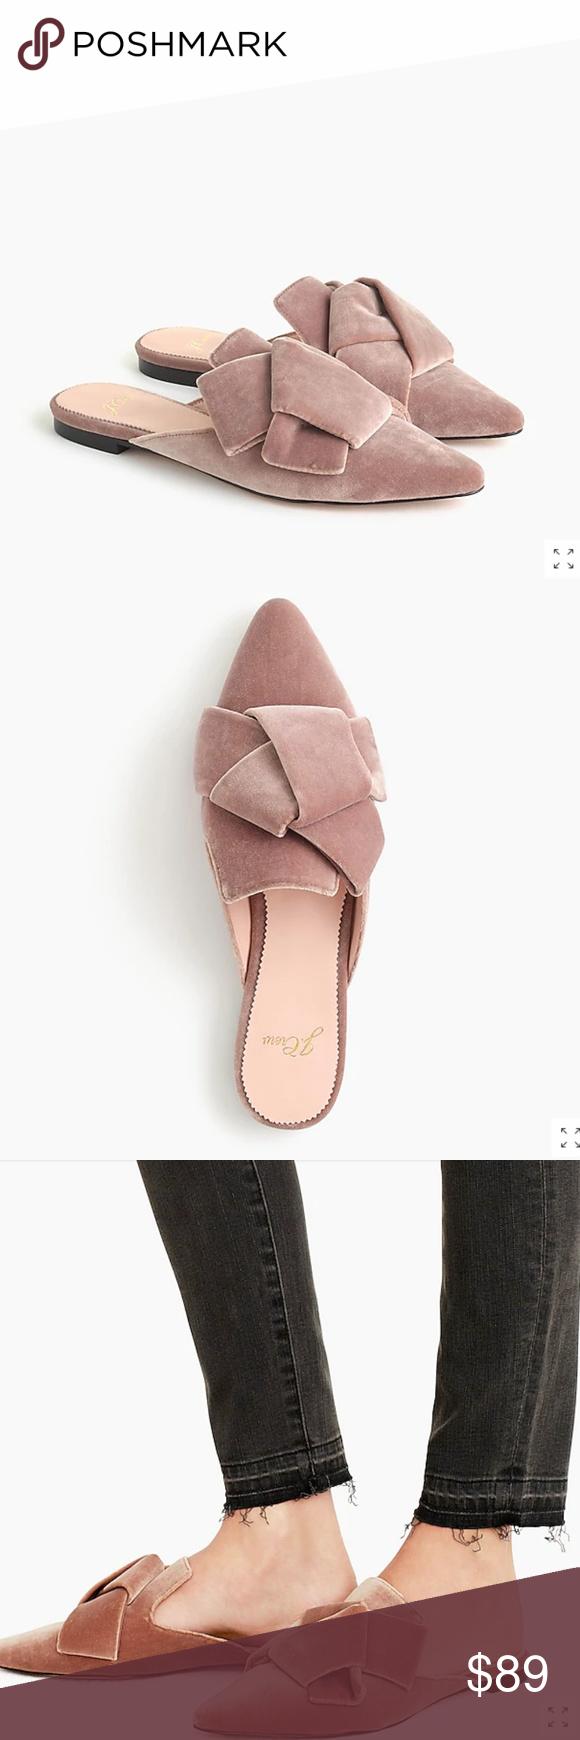 J.Crew Velvet Pointed Toe Slides Shoes